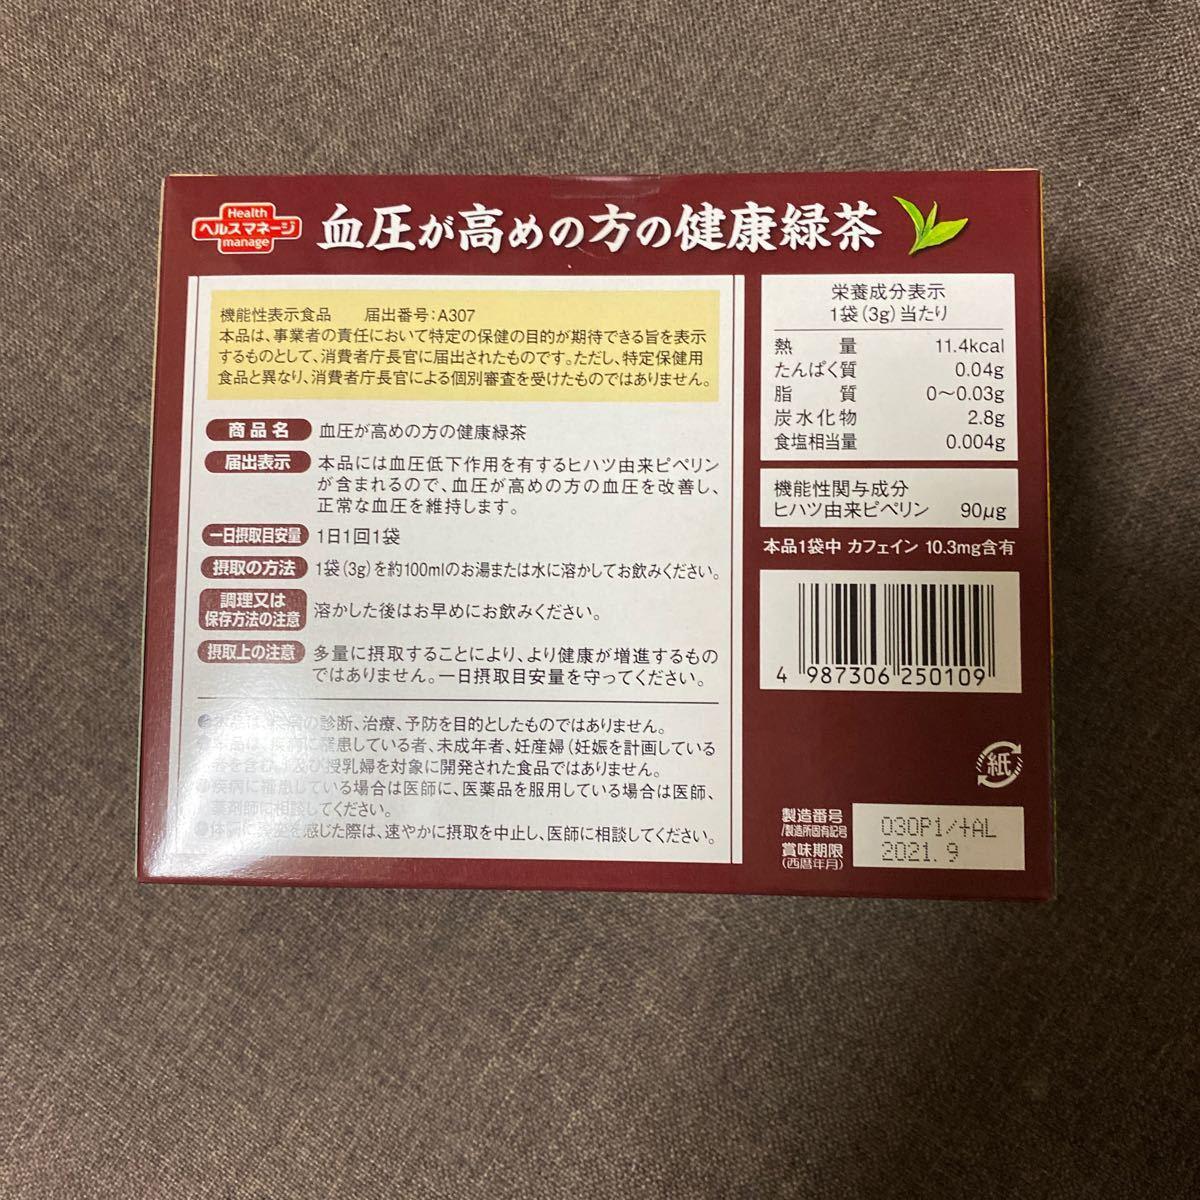 血圧が高めの方の健康緑茶 30袋 箱無し ヒハツ ピペリン 機能性表示食品 お茶 大正製薬